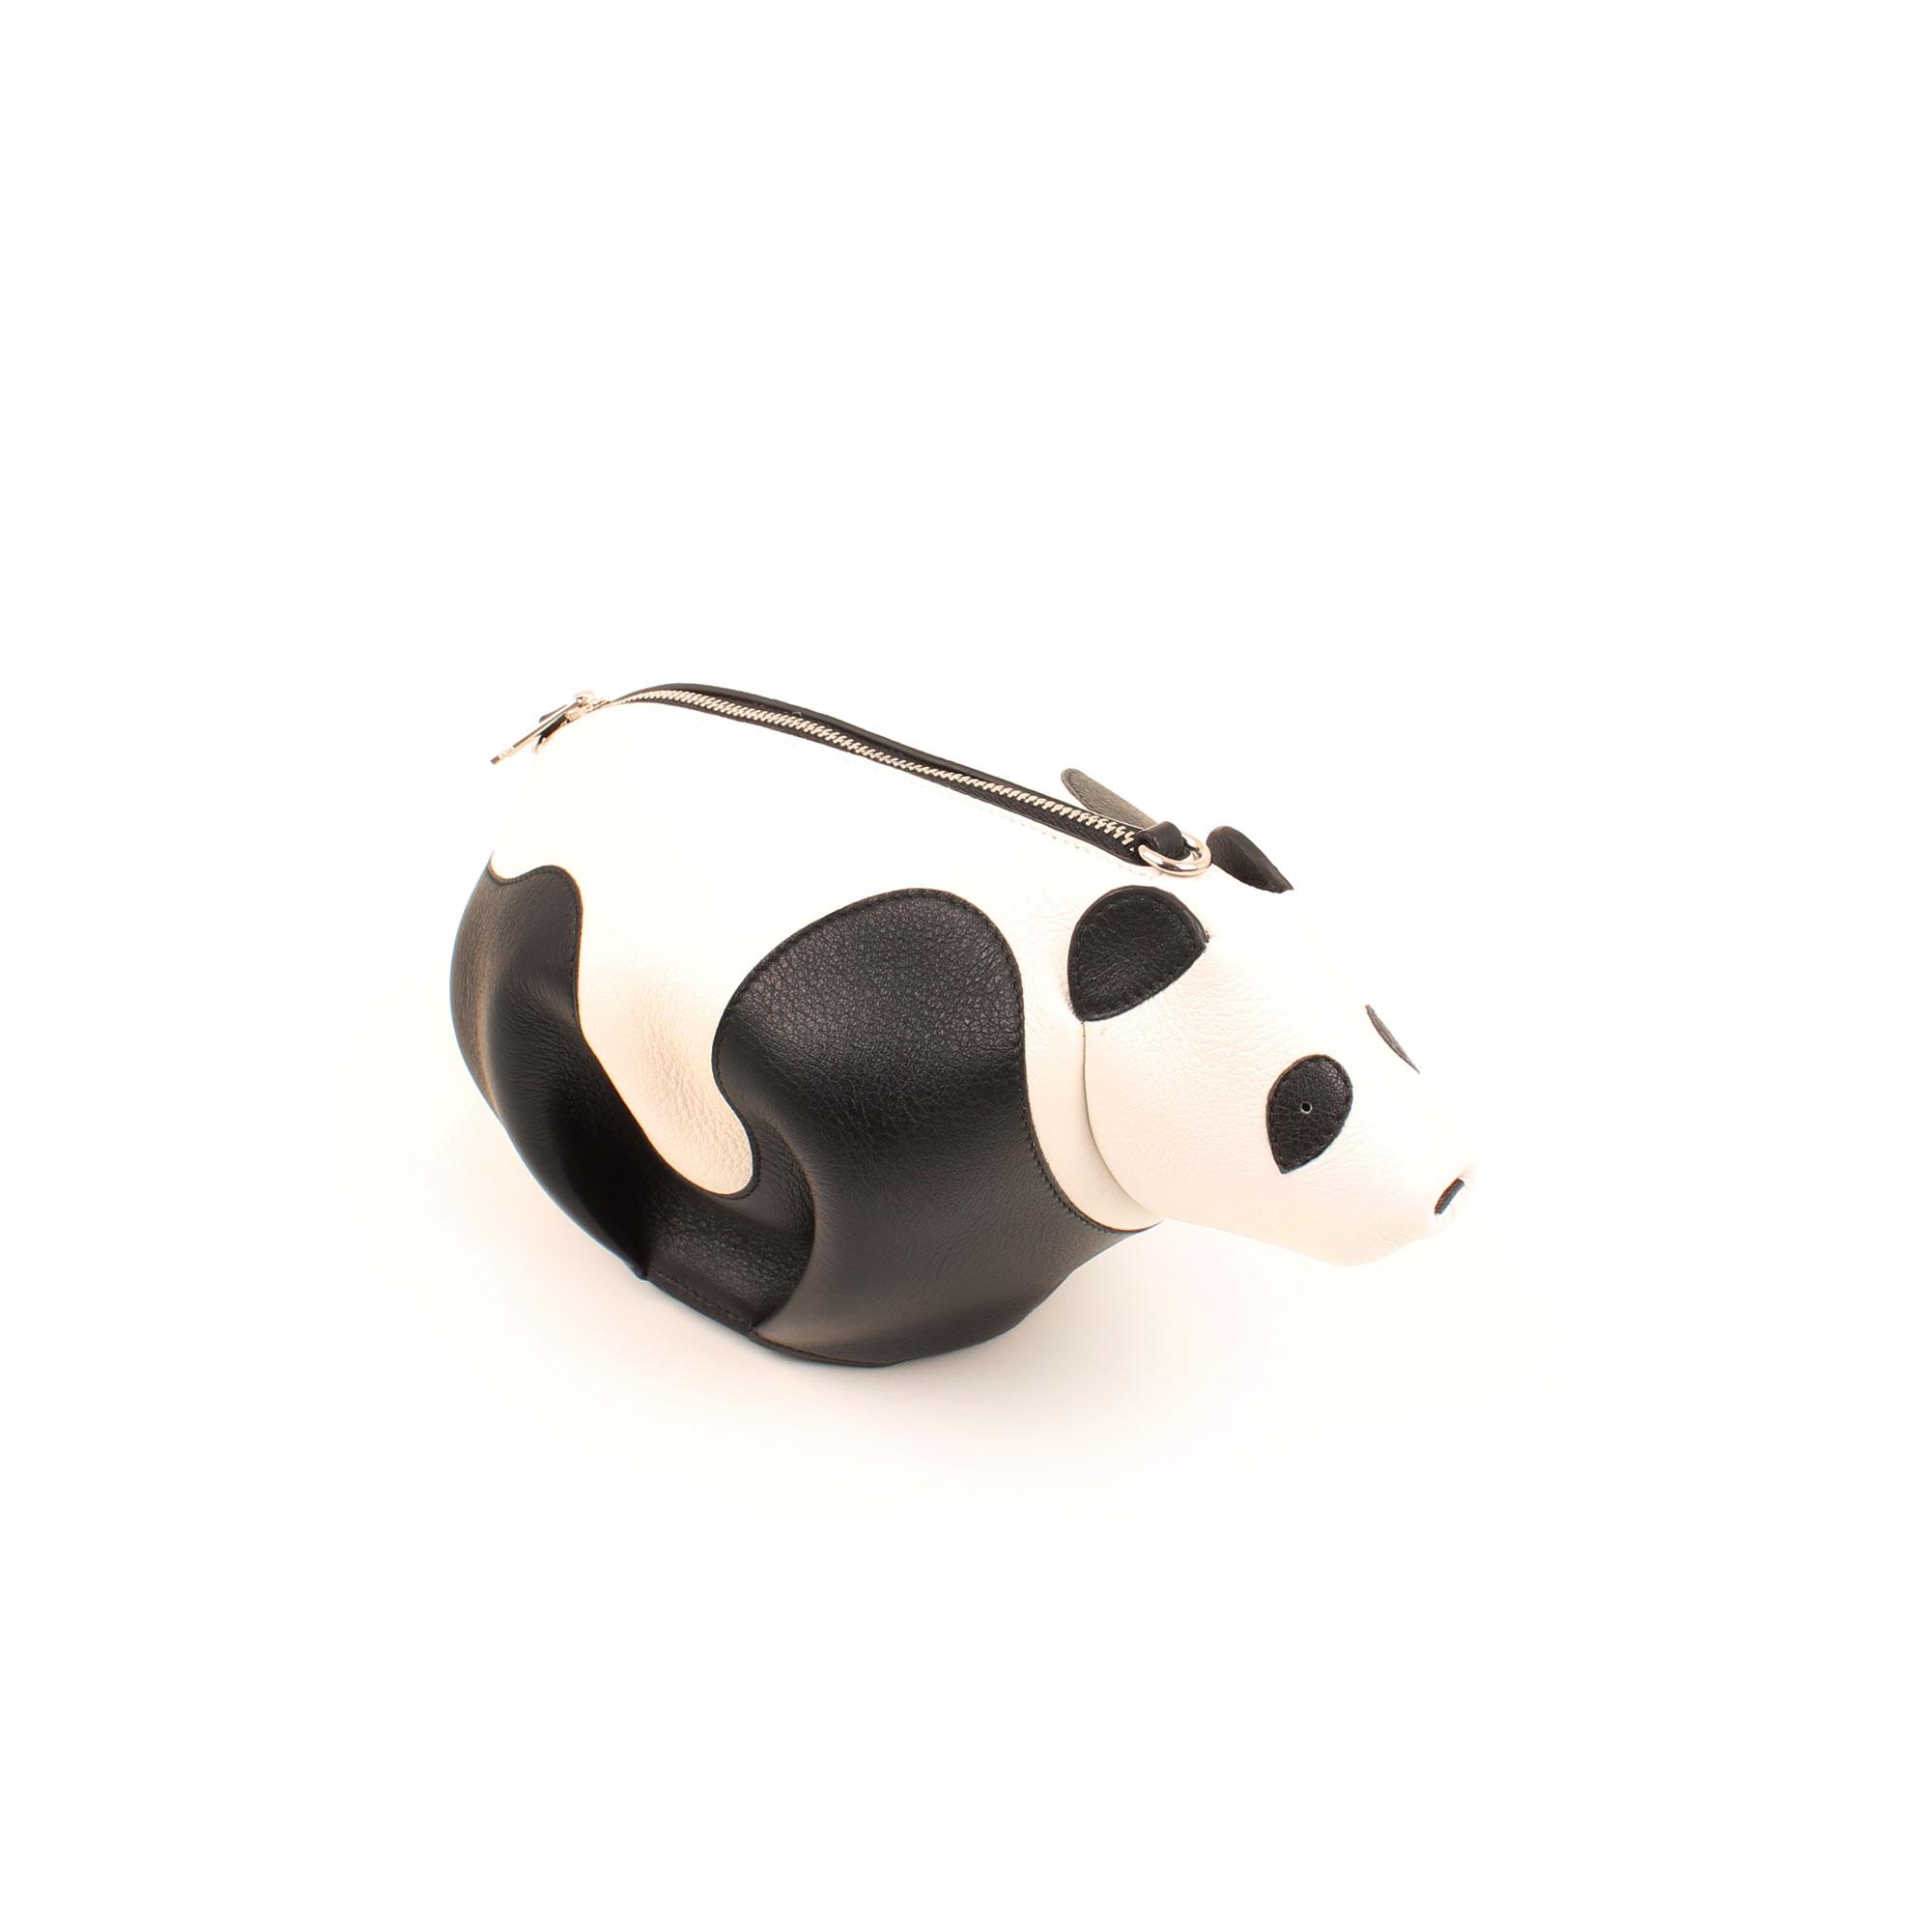 General image of loewe mini panda leather bag